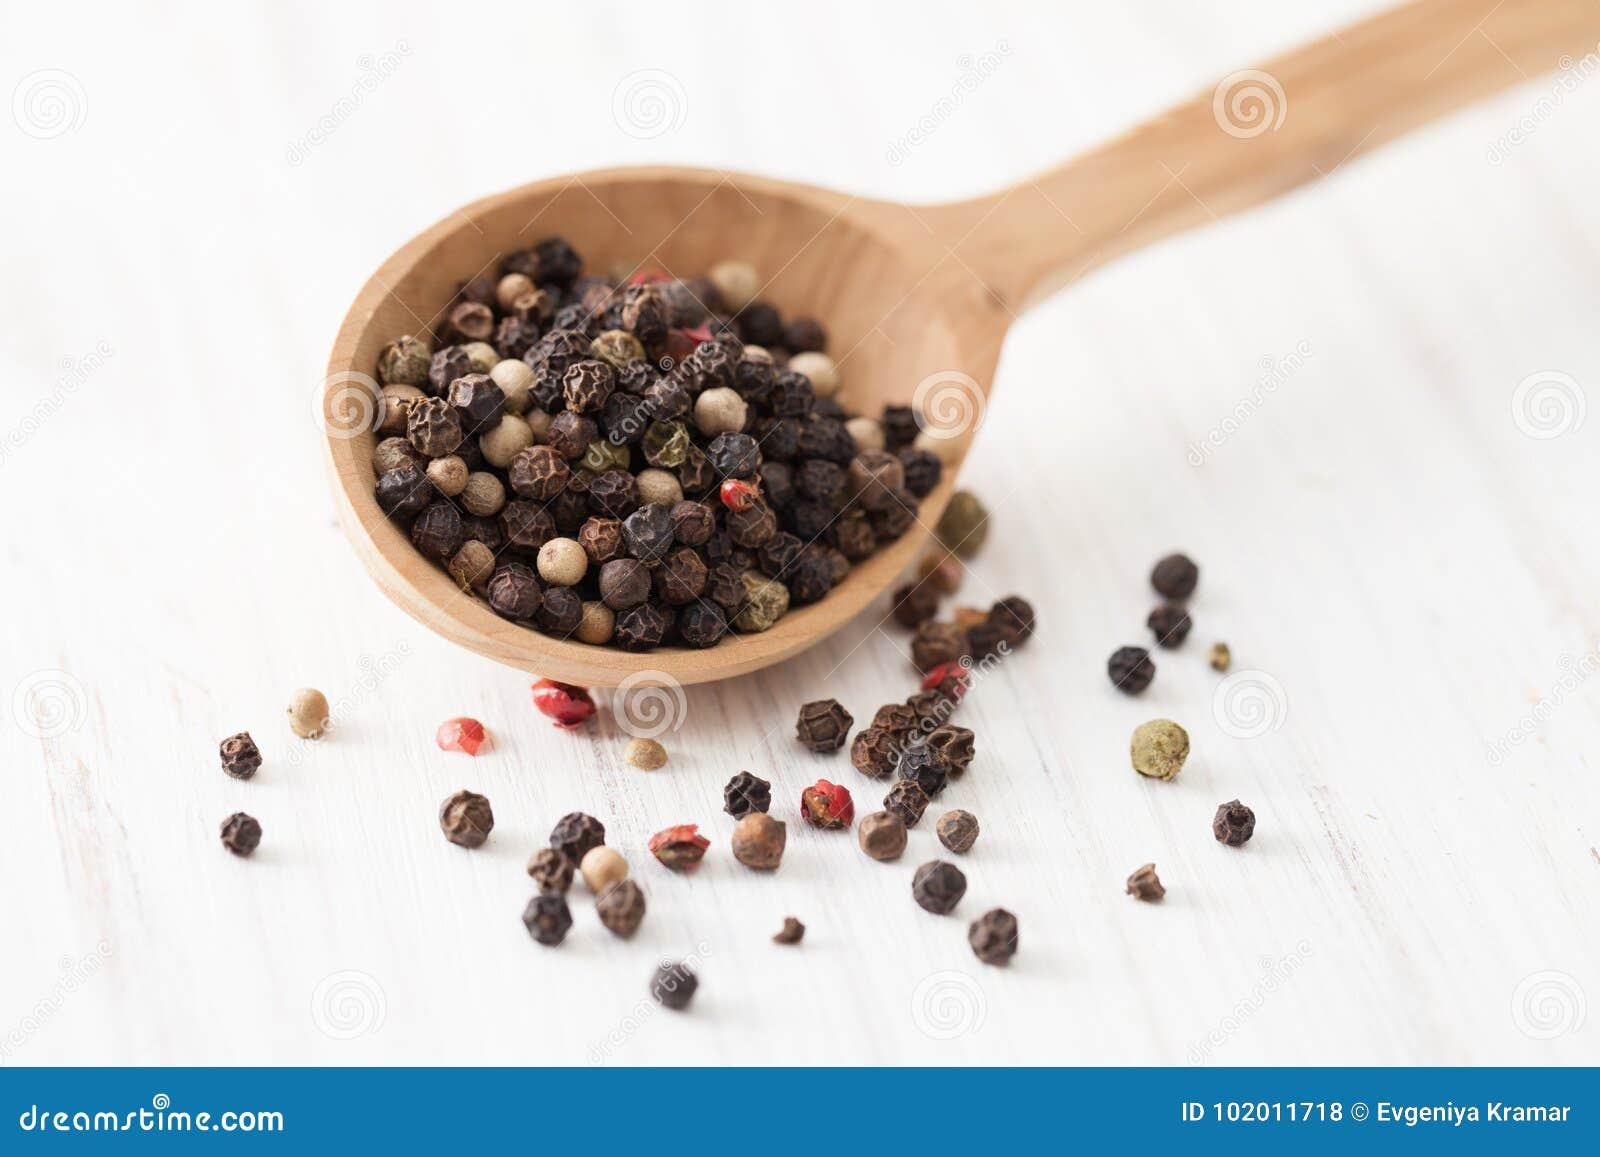 Красный, белый и черный перец в деревянной ложке на белом деревянном столе